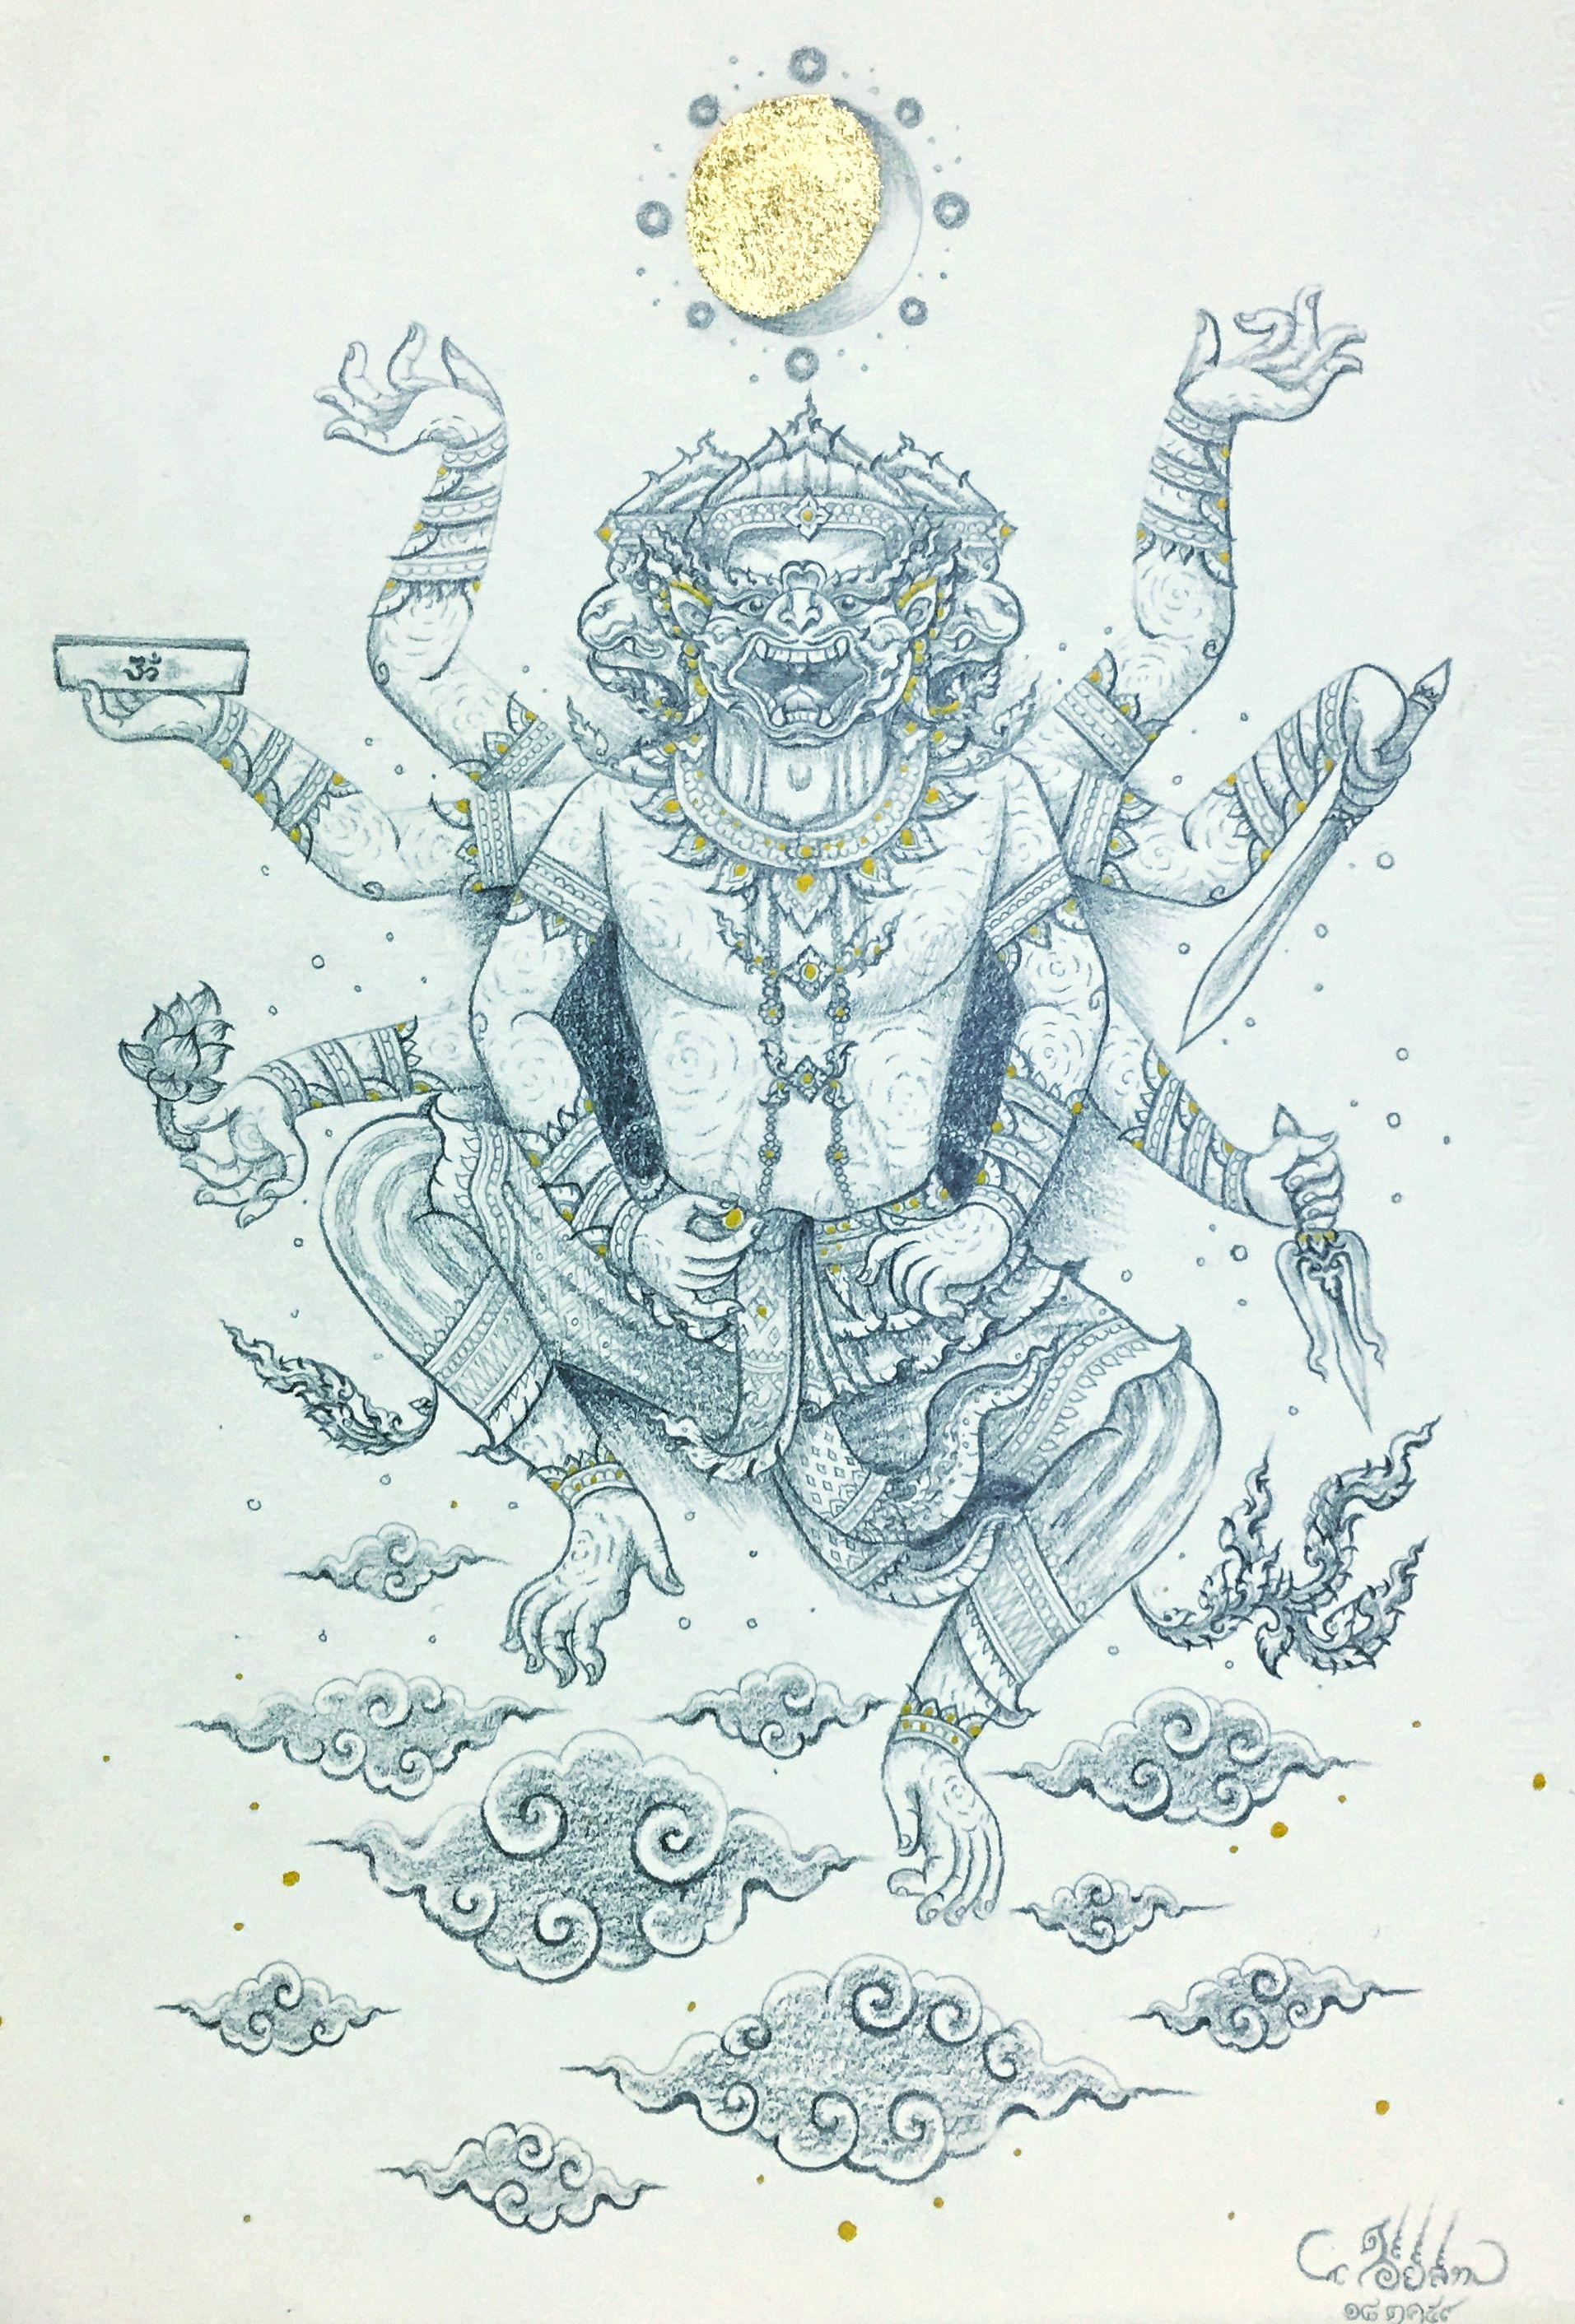 กำเน ดหน มาน Hanuman With 4 Faces And 8 Arms Thaiart Art Drawing Painting Thai Thailand Contemporary Myth Hanuman Ra รอยส กร ปช าง หน มาน ลวดลายขาวดำ